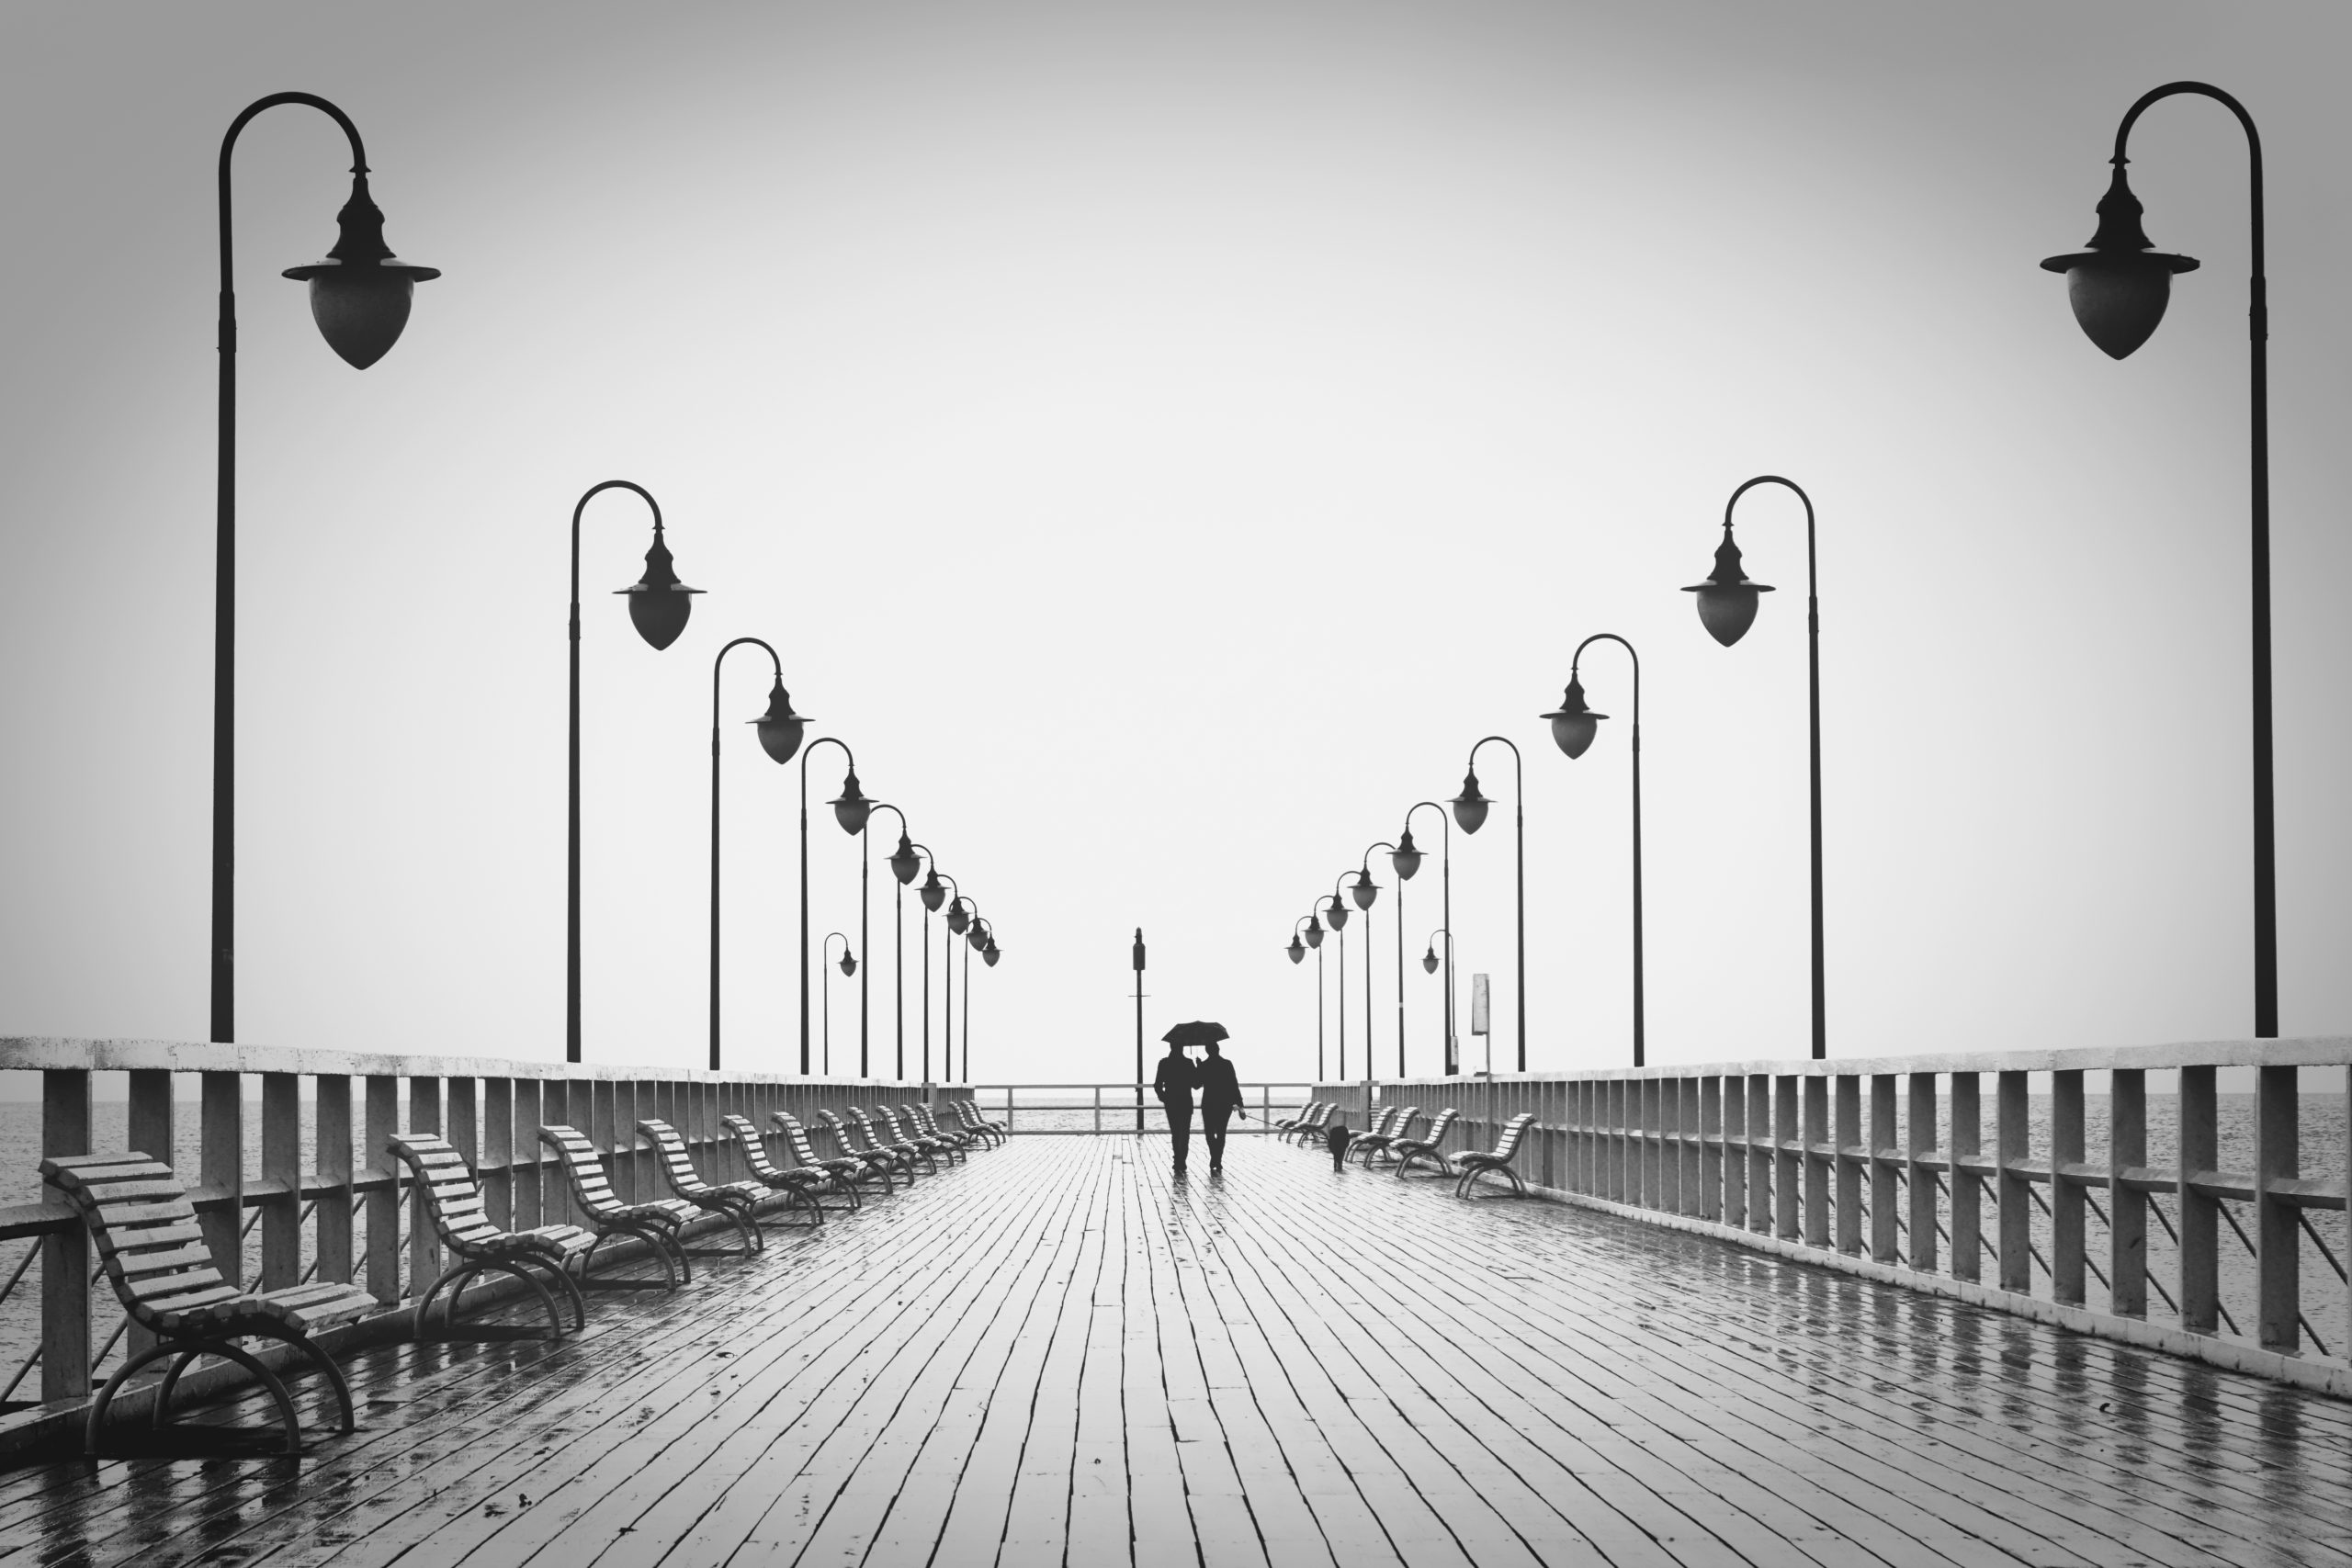 Mitwirkende gesucht! Paare mit Gepäck – Beziehungsporträts von Menschen mit einer psychischen Erkrankung